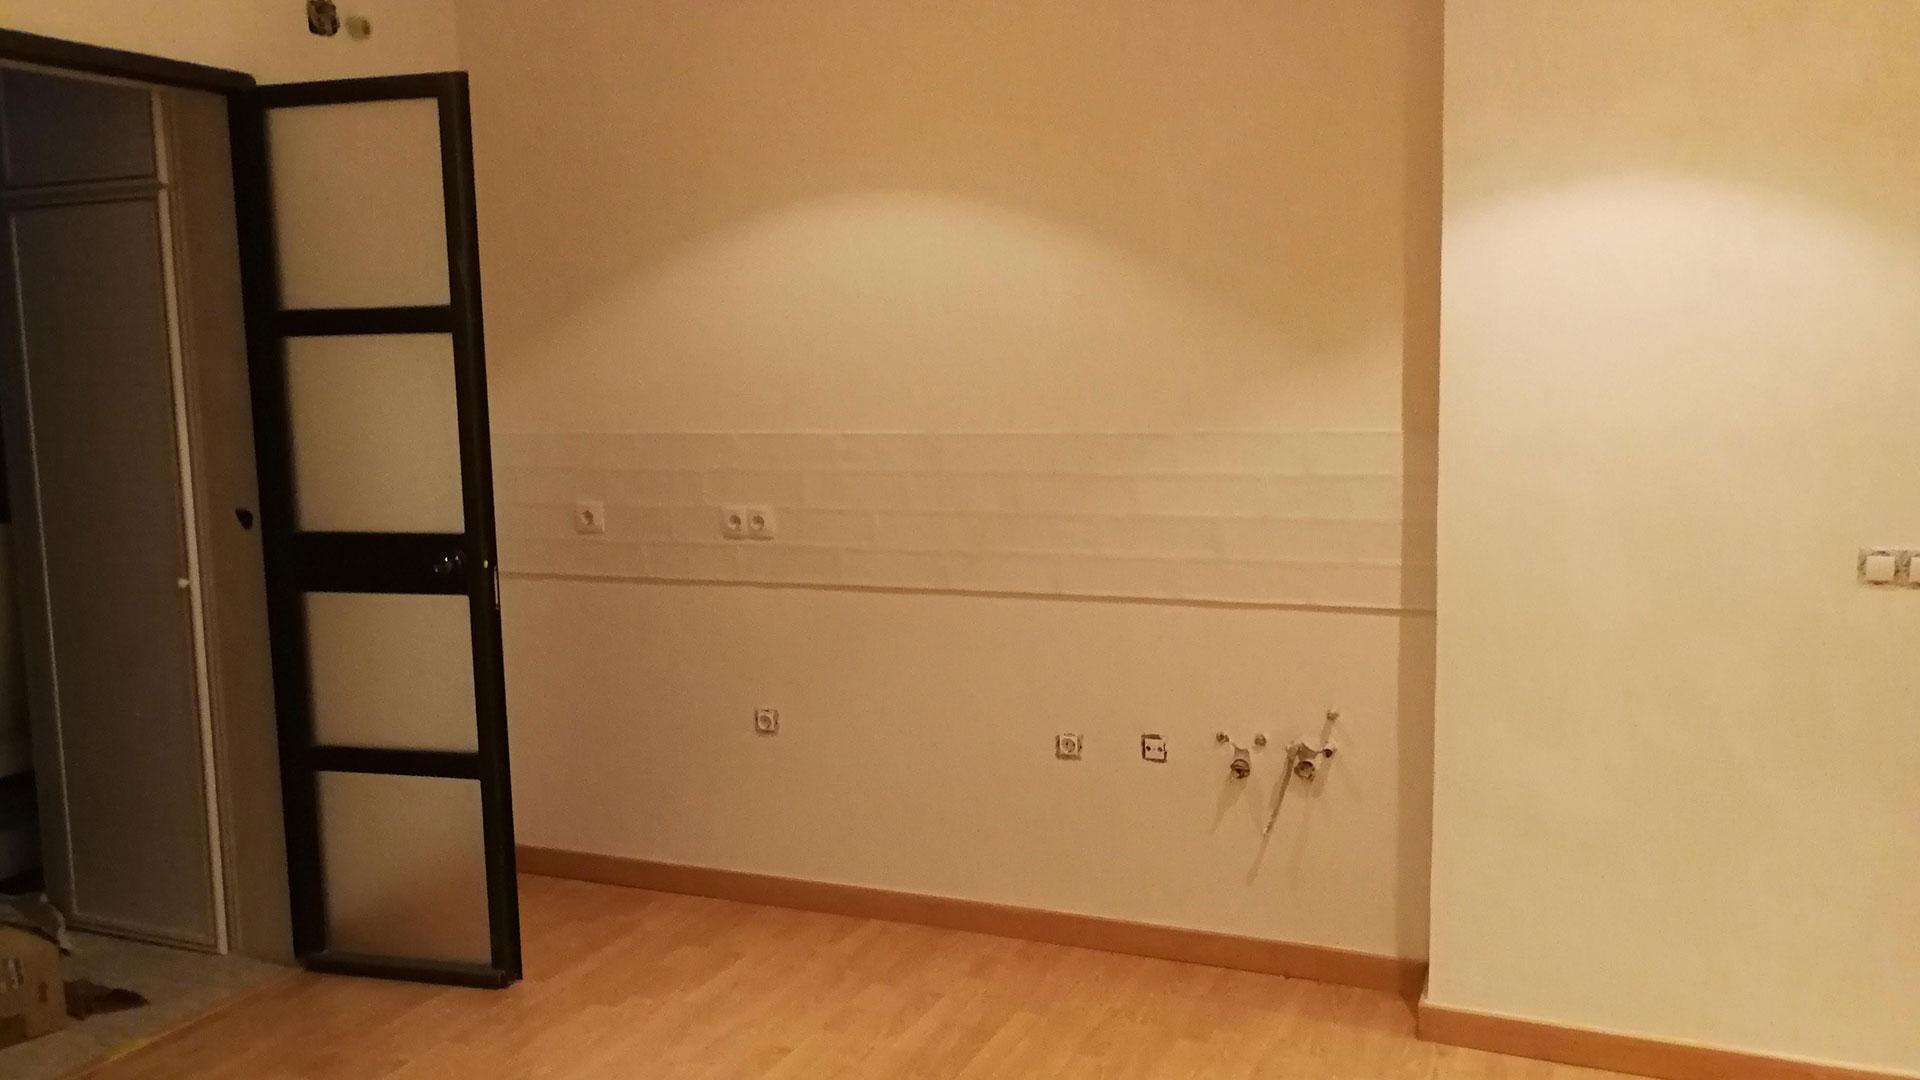 Interiores-09